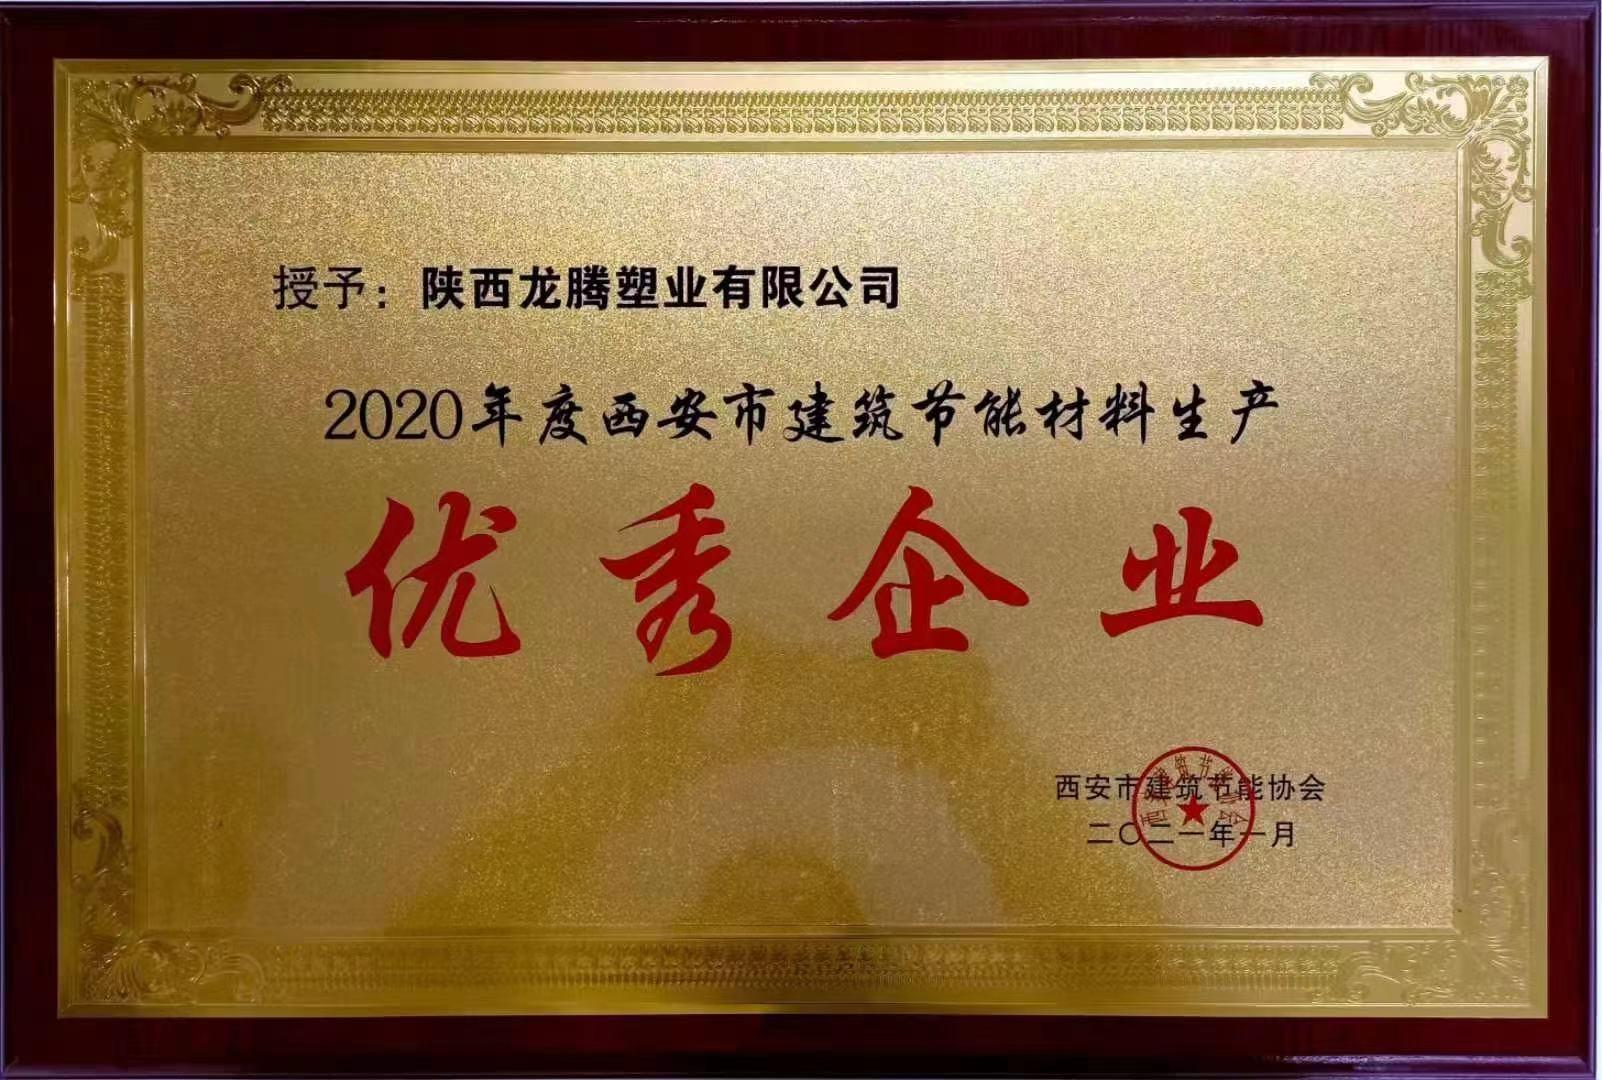 陕西龙腾塑业有限公司荣获2020年度西安市建筑节能材料生产企业